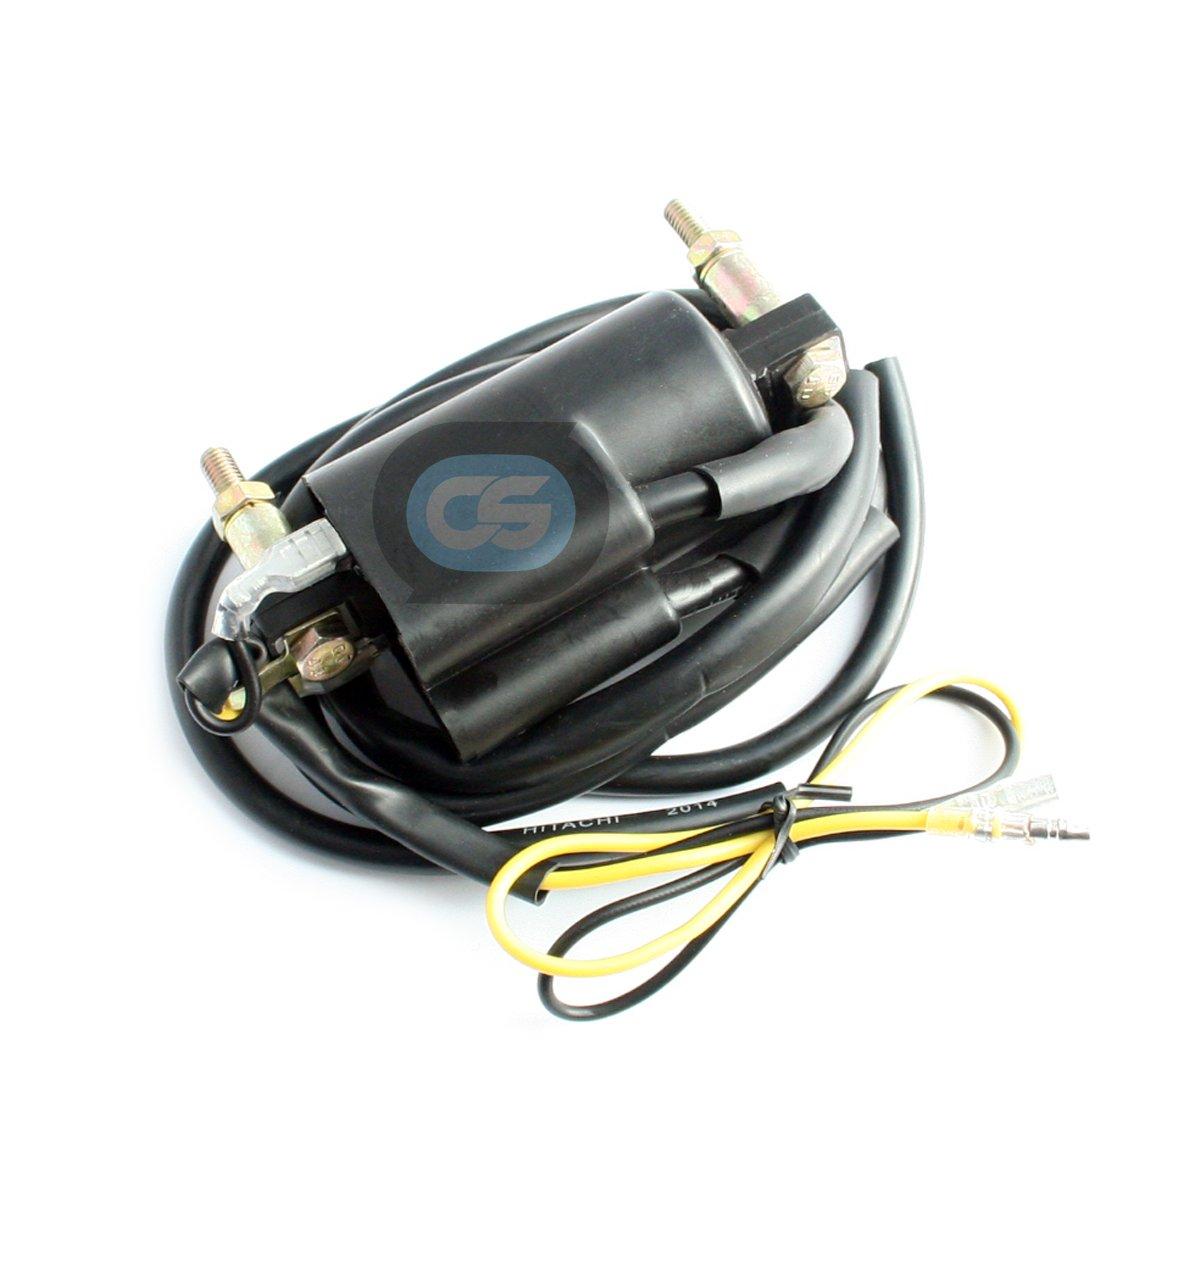 Ignition Coil Kawasaki Kz440 Kz 440 1980 1983 New Wiring Harness Warranty Automotive